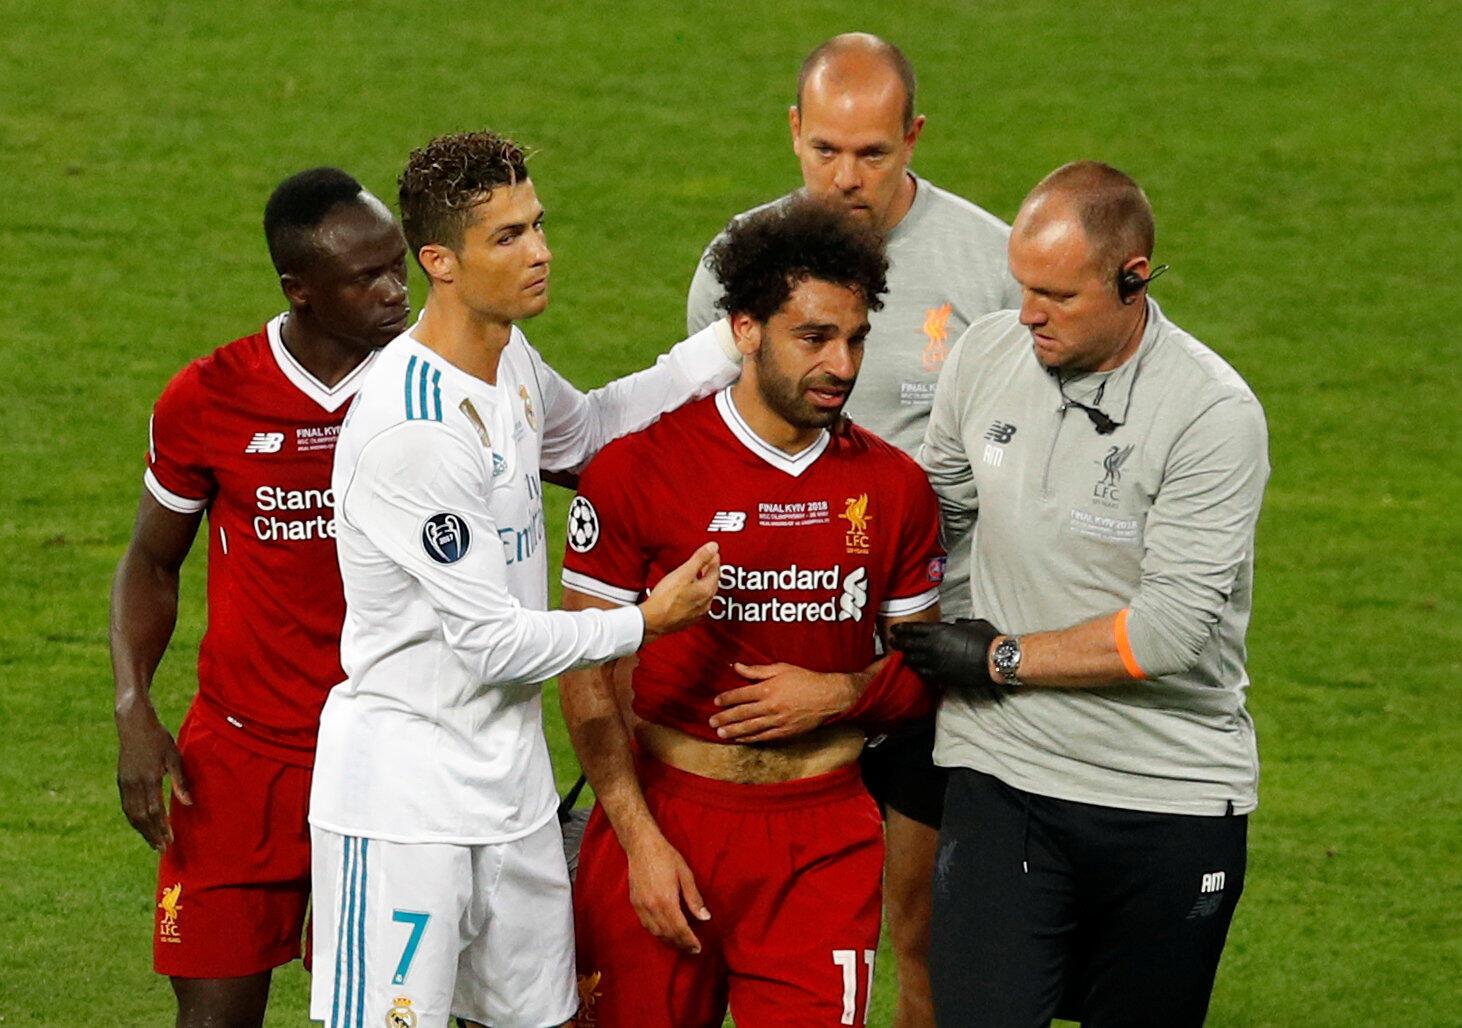 L'Egyptien Mohamed Salah quitte le terrain sur blessure, réconforté par Cristiano Ronaldo et son coéquiper Sadio mané, le 26 mai 2018 à Kiev.